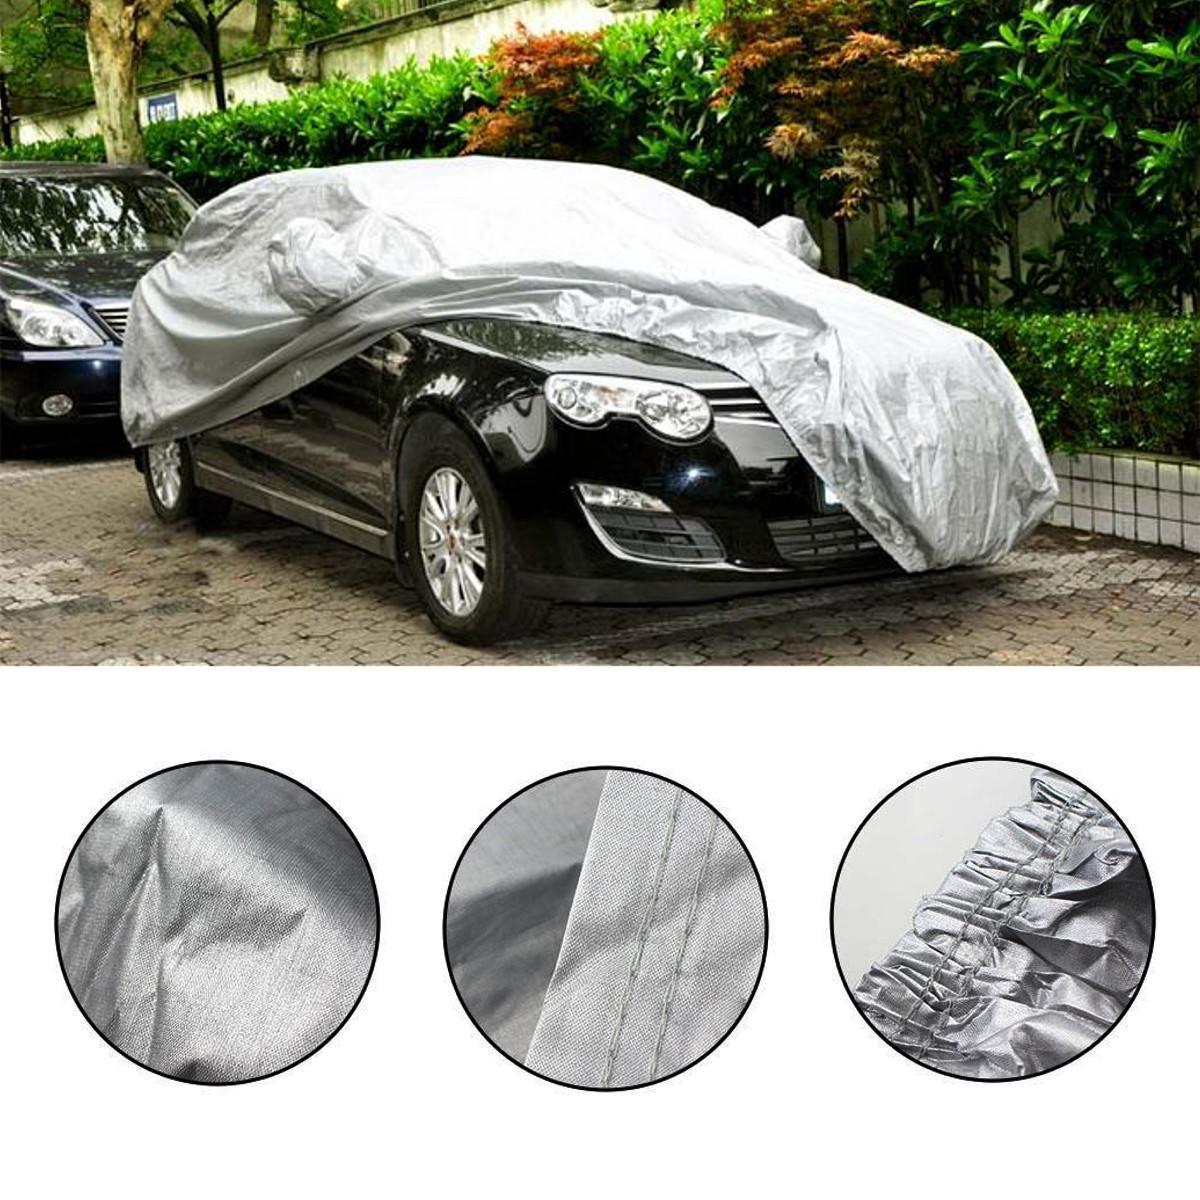 M/L/XL/XXL Universal Full Car Cover Anti Rain Snow Ice Waterproof Dustproof UV Outdoor